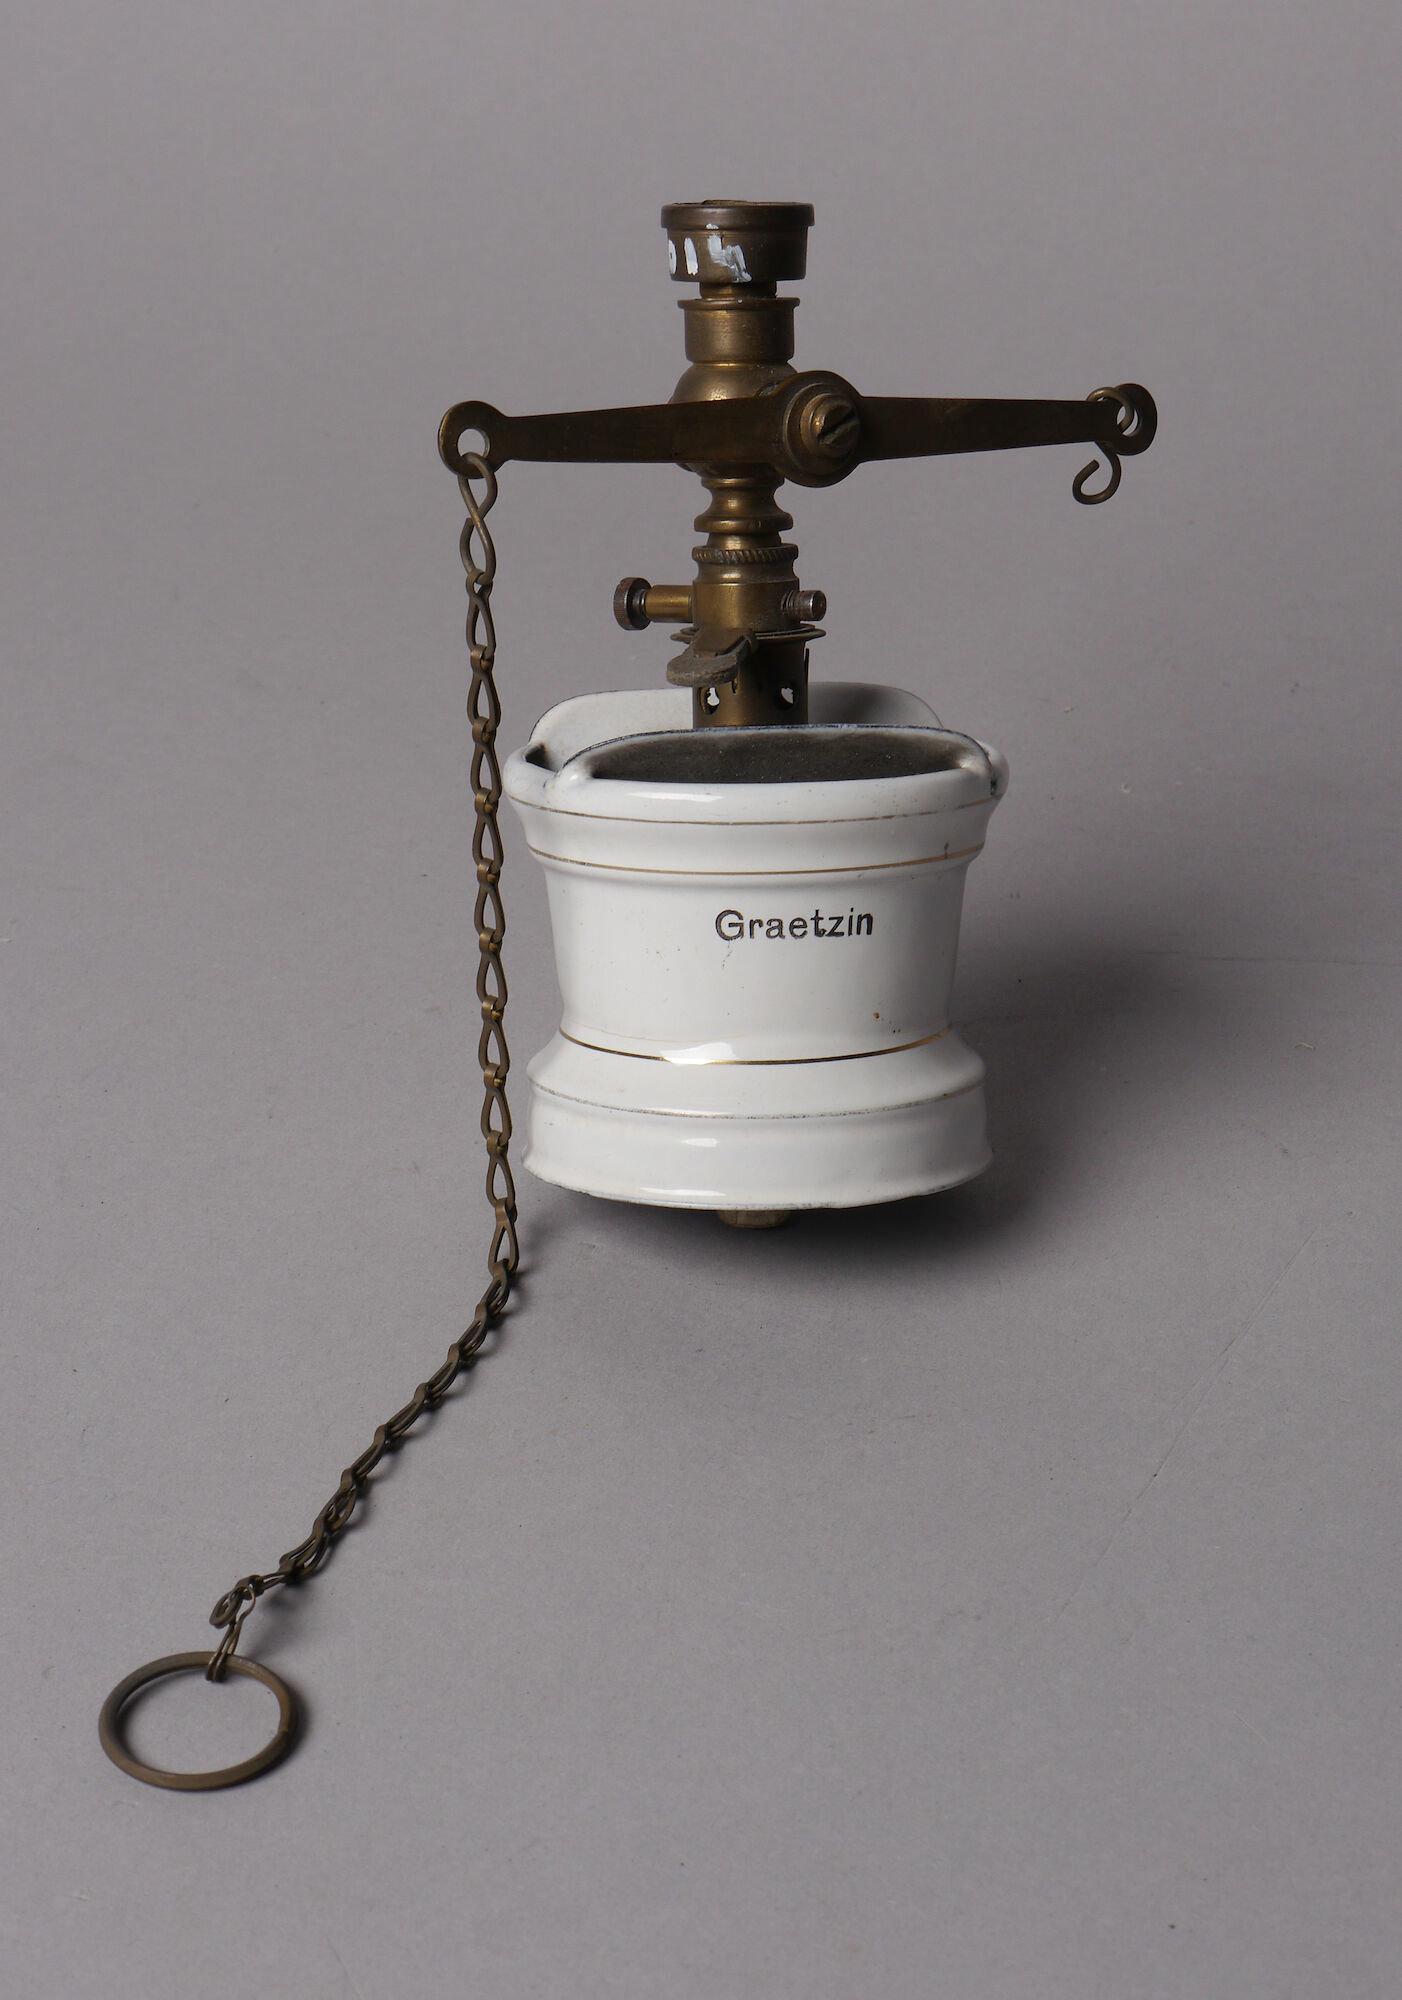 Gasbrander van het merk Graetzin voor hangend gloeikousje